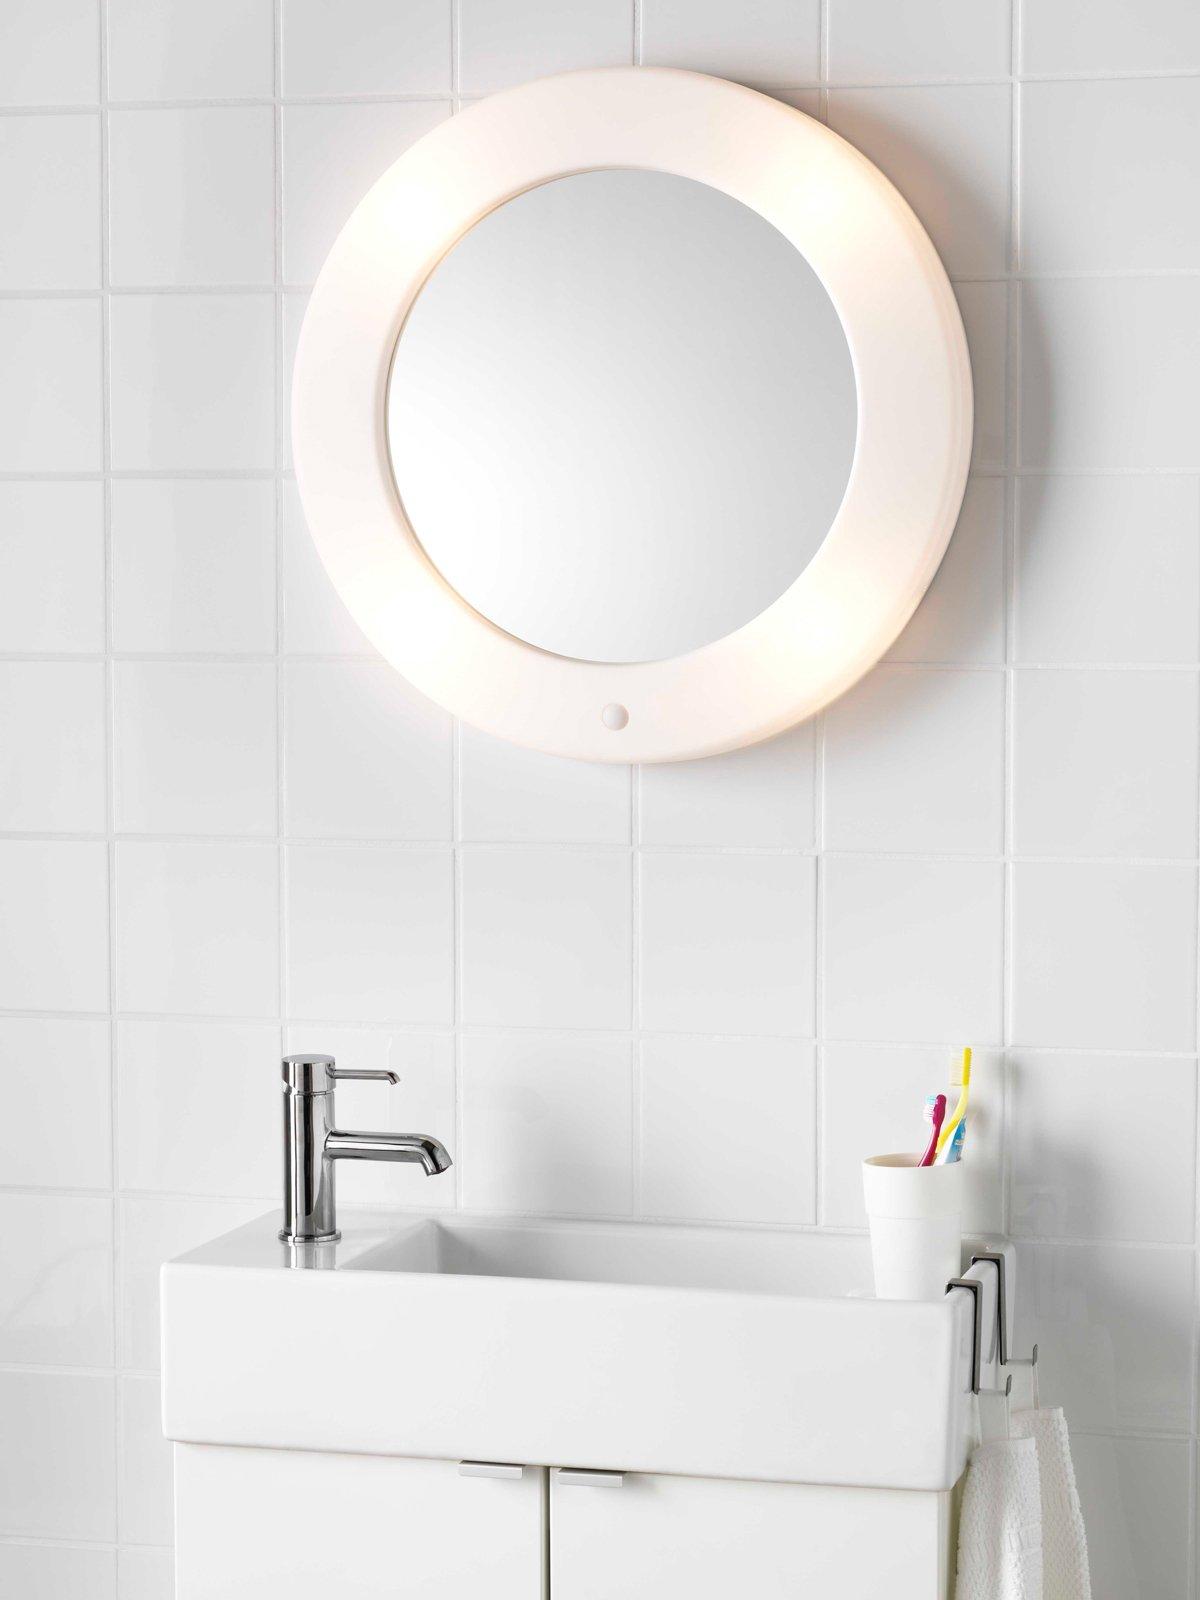 Idee arredo bagno moderno - Illuminazione bagno leroy merlin ...